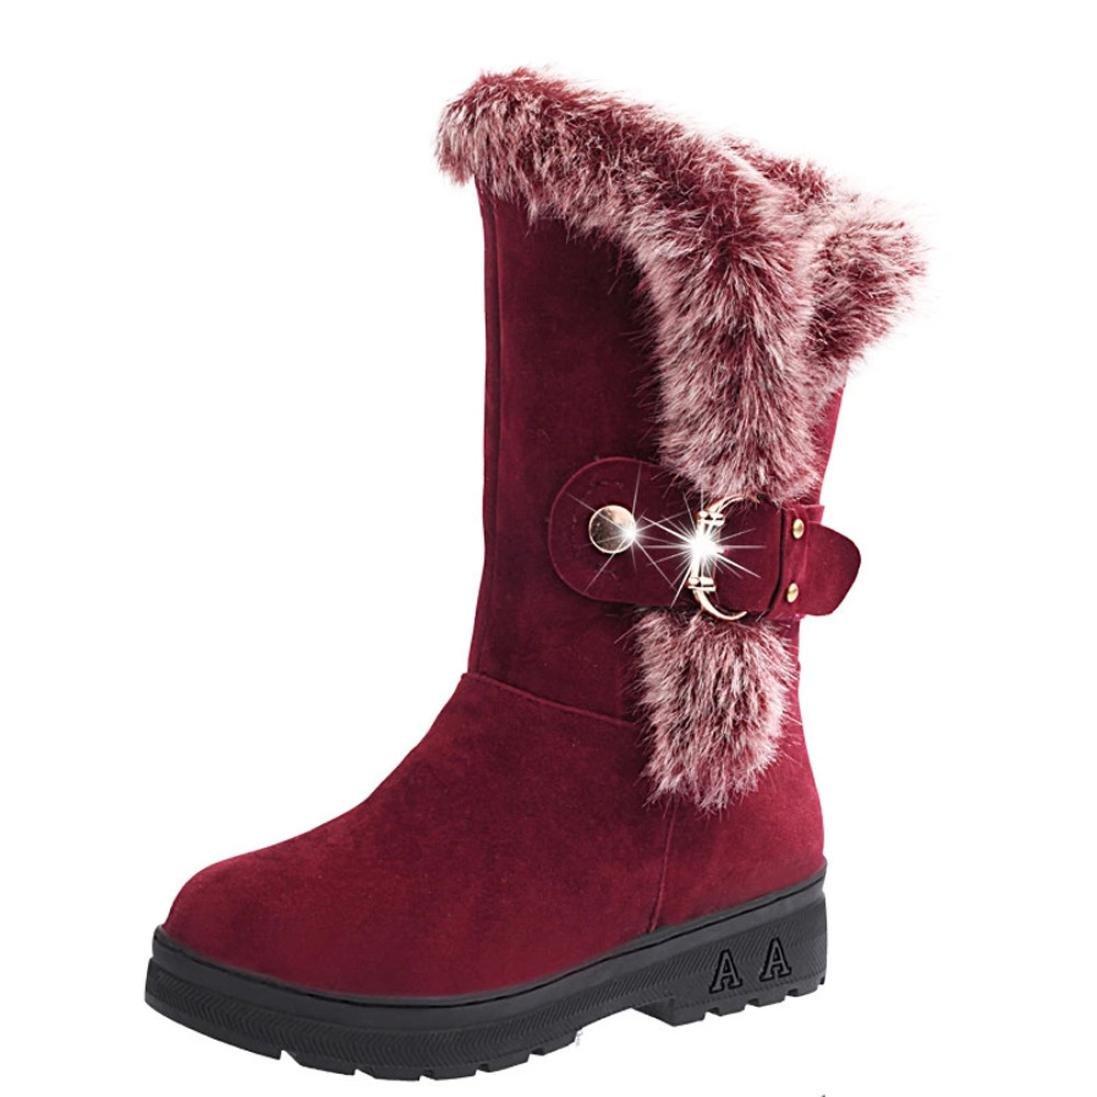 Bottes de neige Femmes Chaussures Bottes Cuissardes d'hiver Bottes fourrées Femmes Bottes Slip-On Soft Bottes de neige bout rond plat fourrure d'hiver Bottines GongzhuMM (CN40(EU39), Vin Rouge)